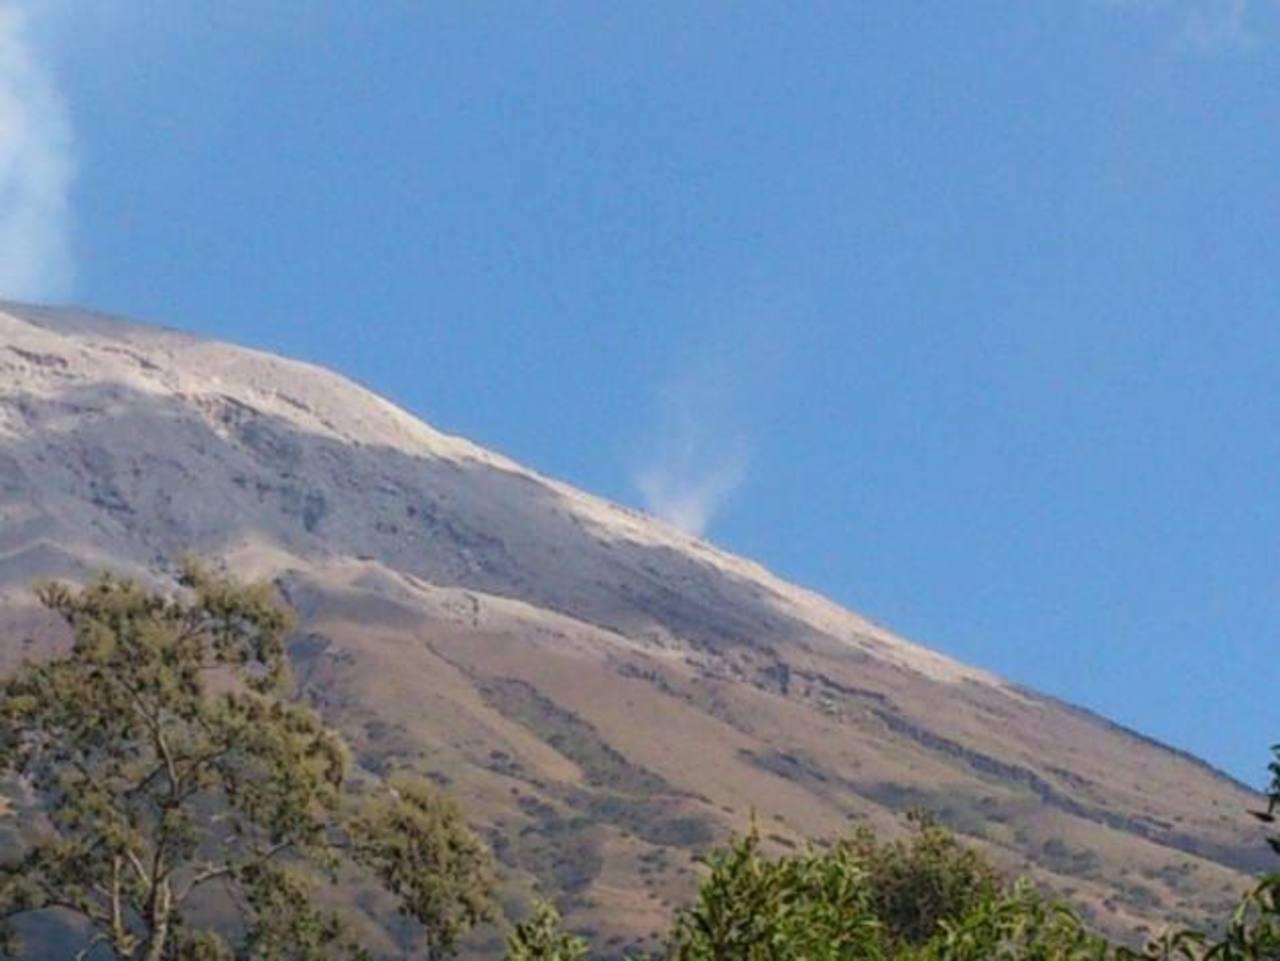 El volcán Chaparrastique continúa emanando gas y ceniza.